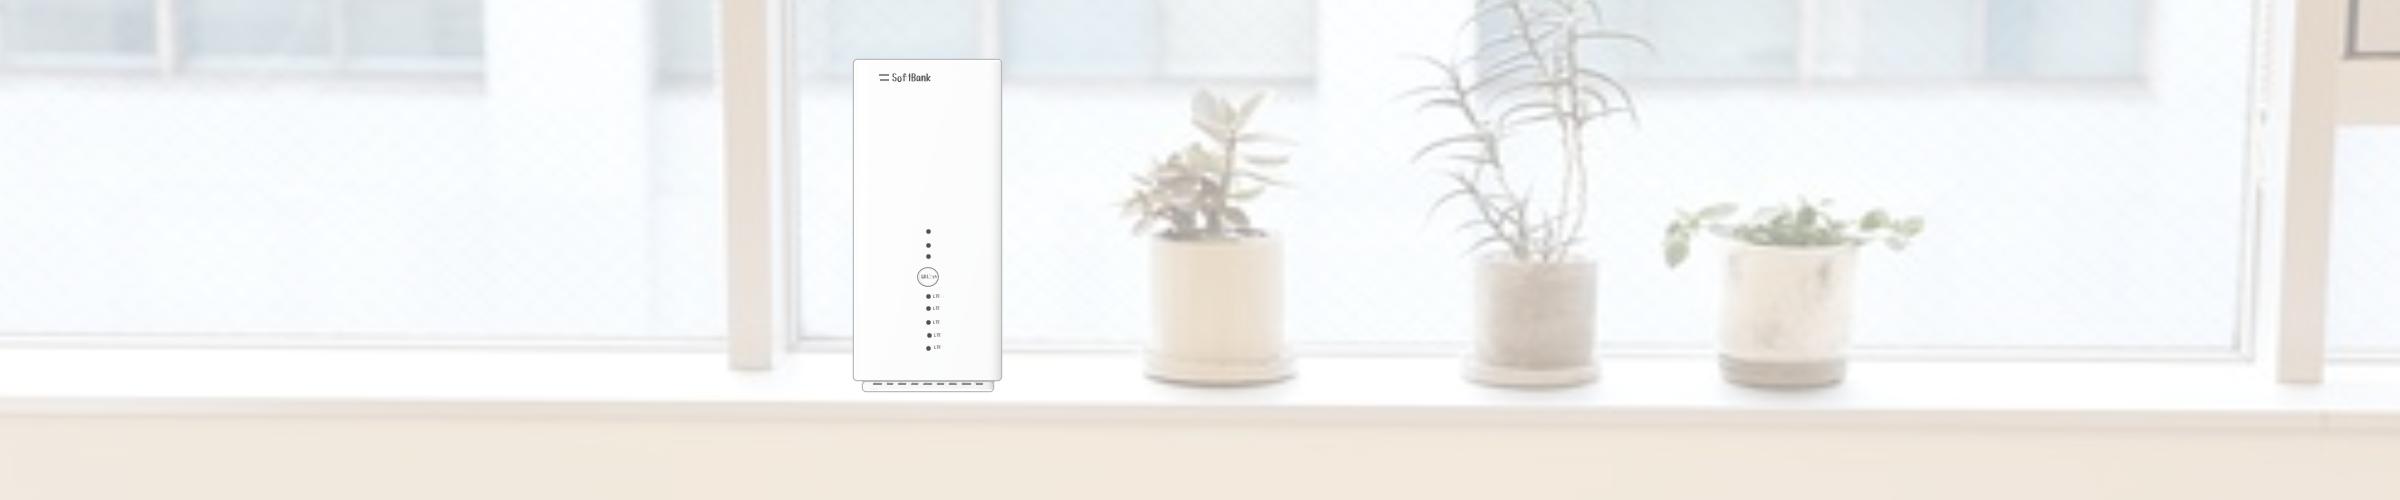 ソフトバンクエアーのイメージ画像